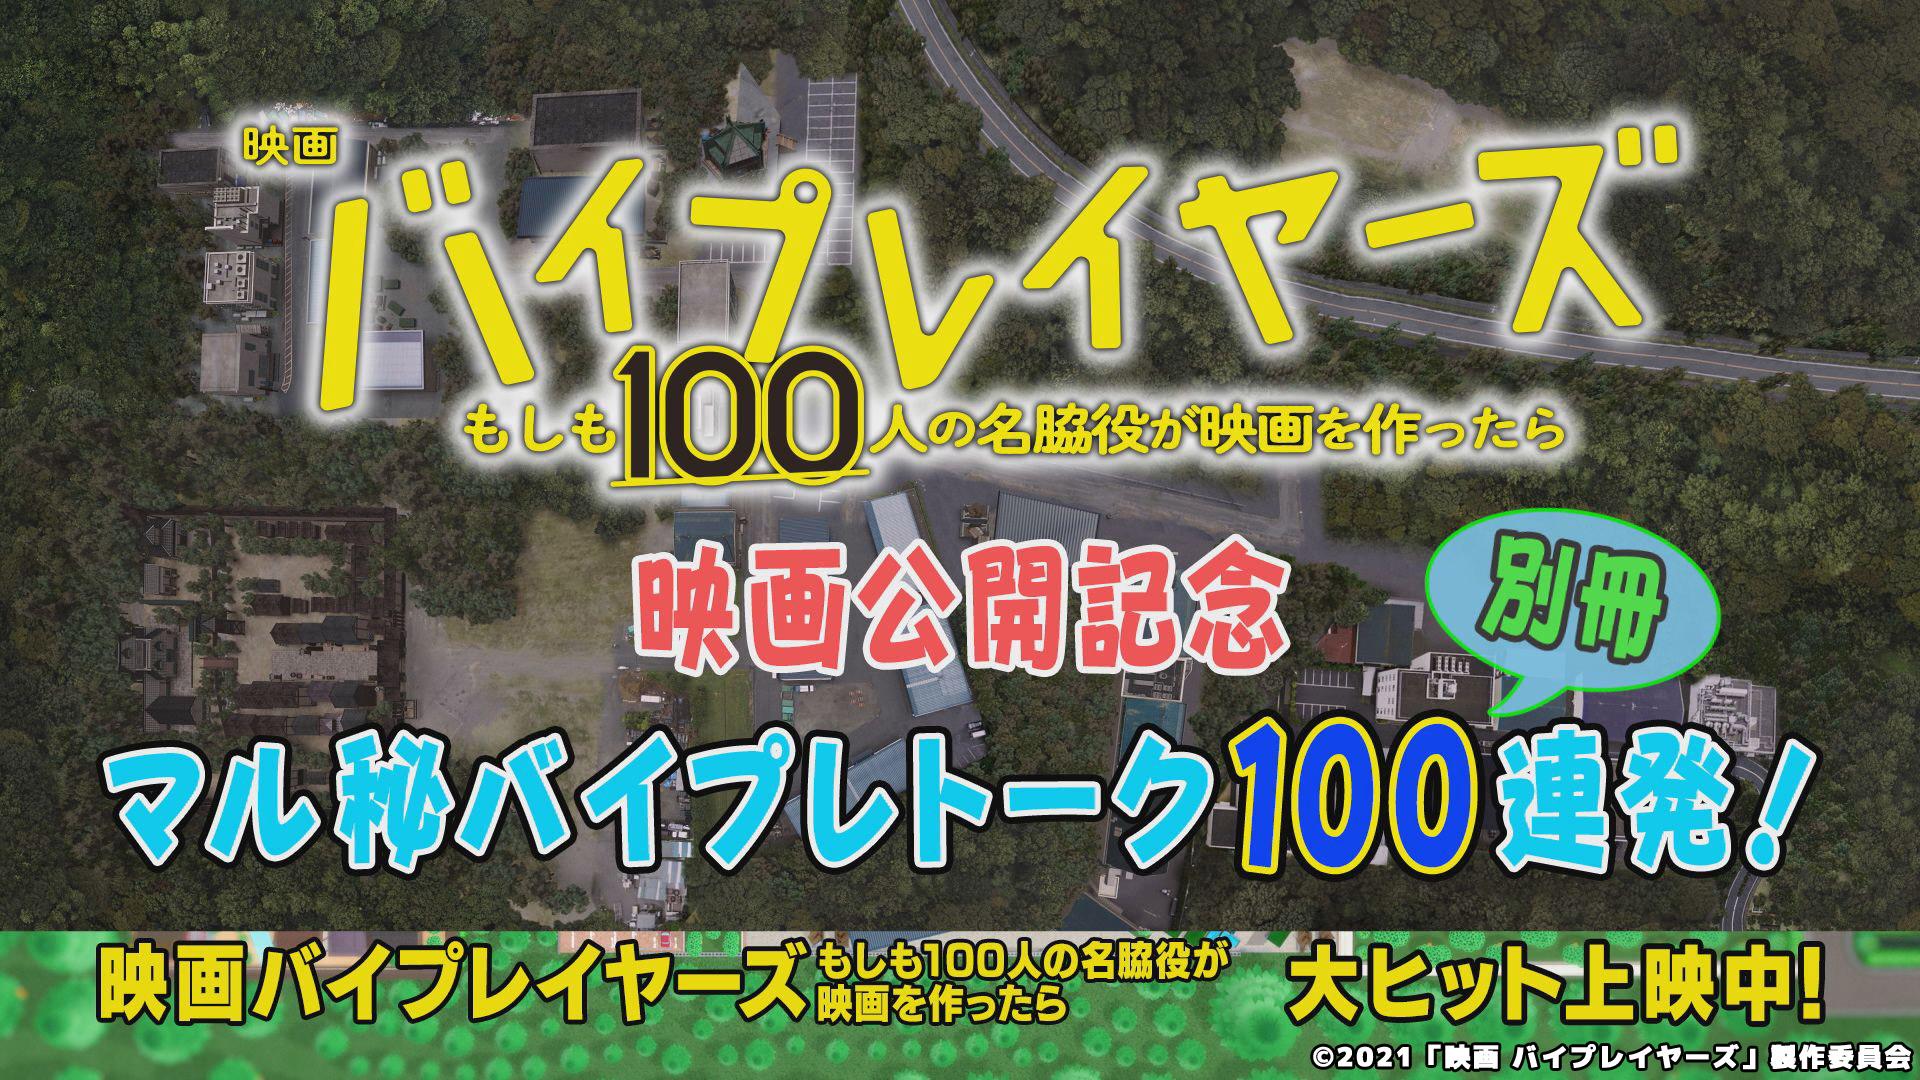 映画『バイプレイヤーズ~もしも100人の名脇役が映画を作ったら~』公開記念特番